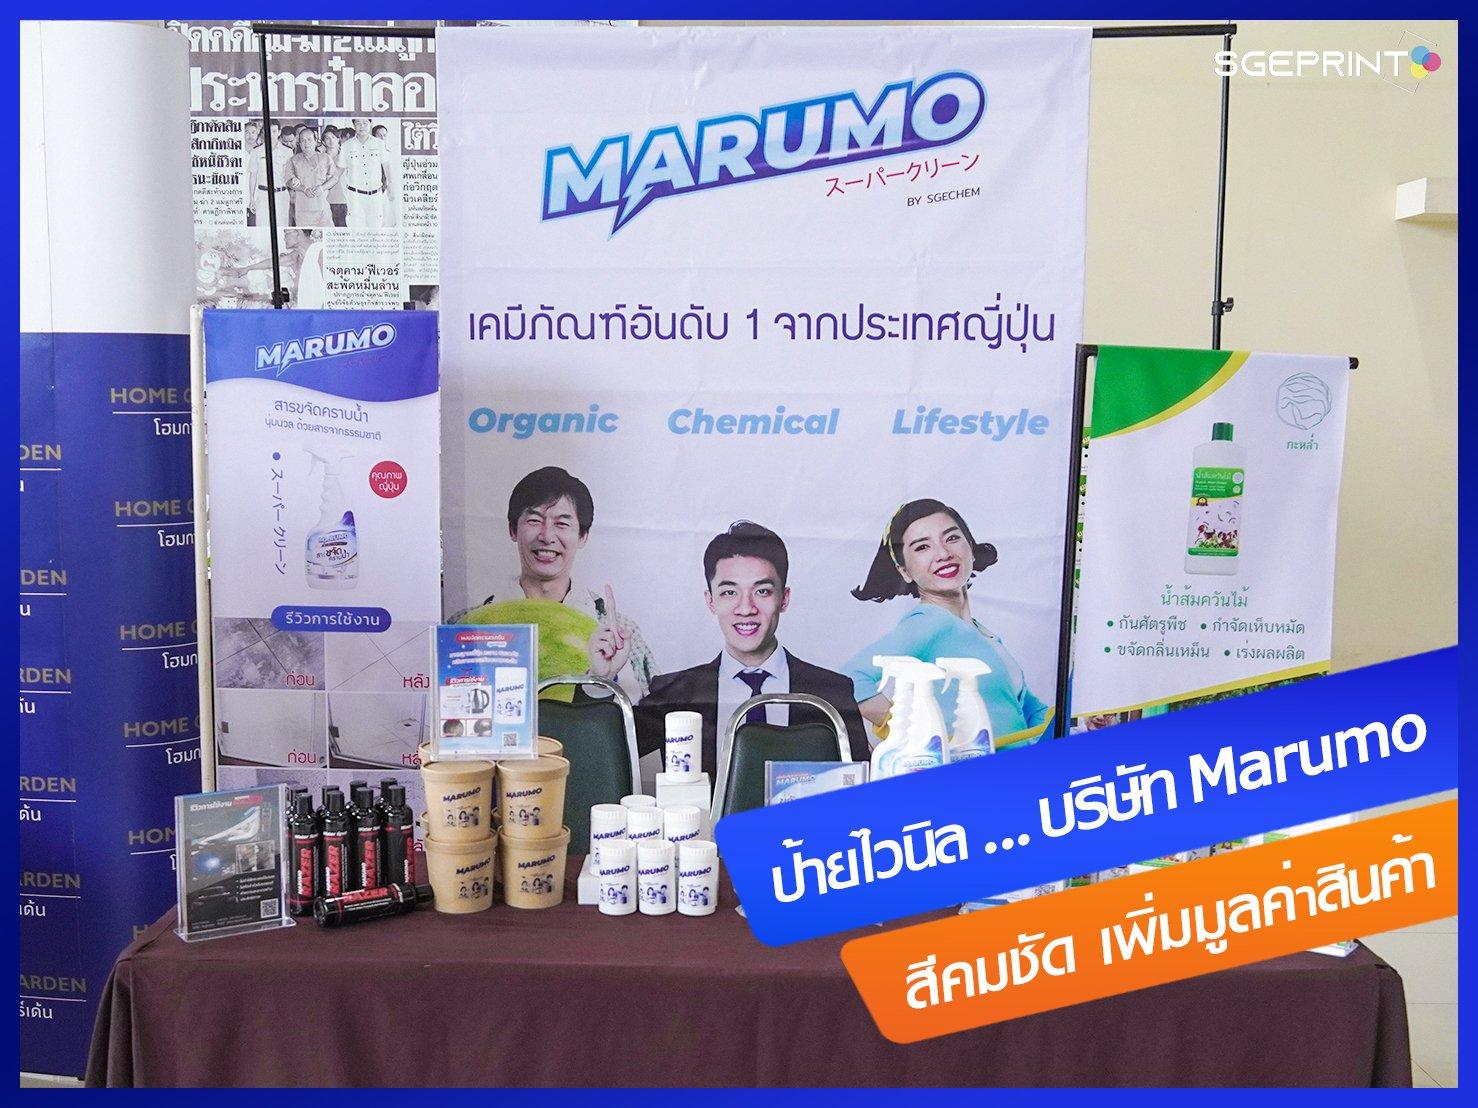 ลูกค้าไวนิล-MarumoV2